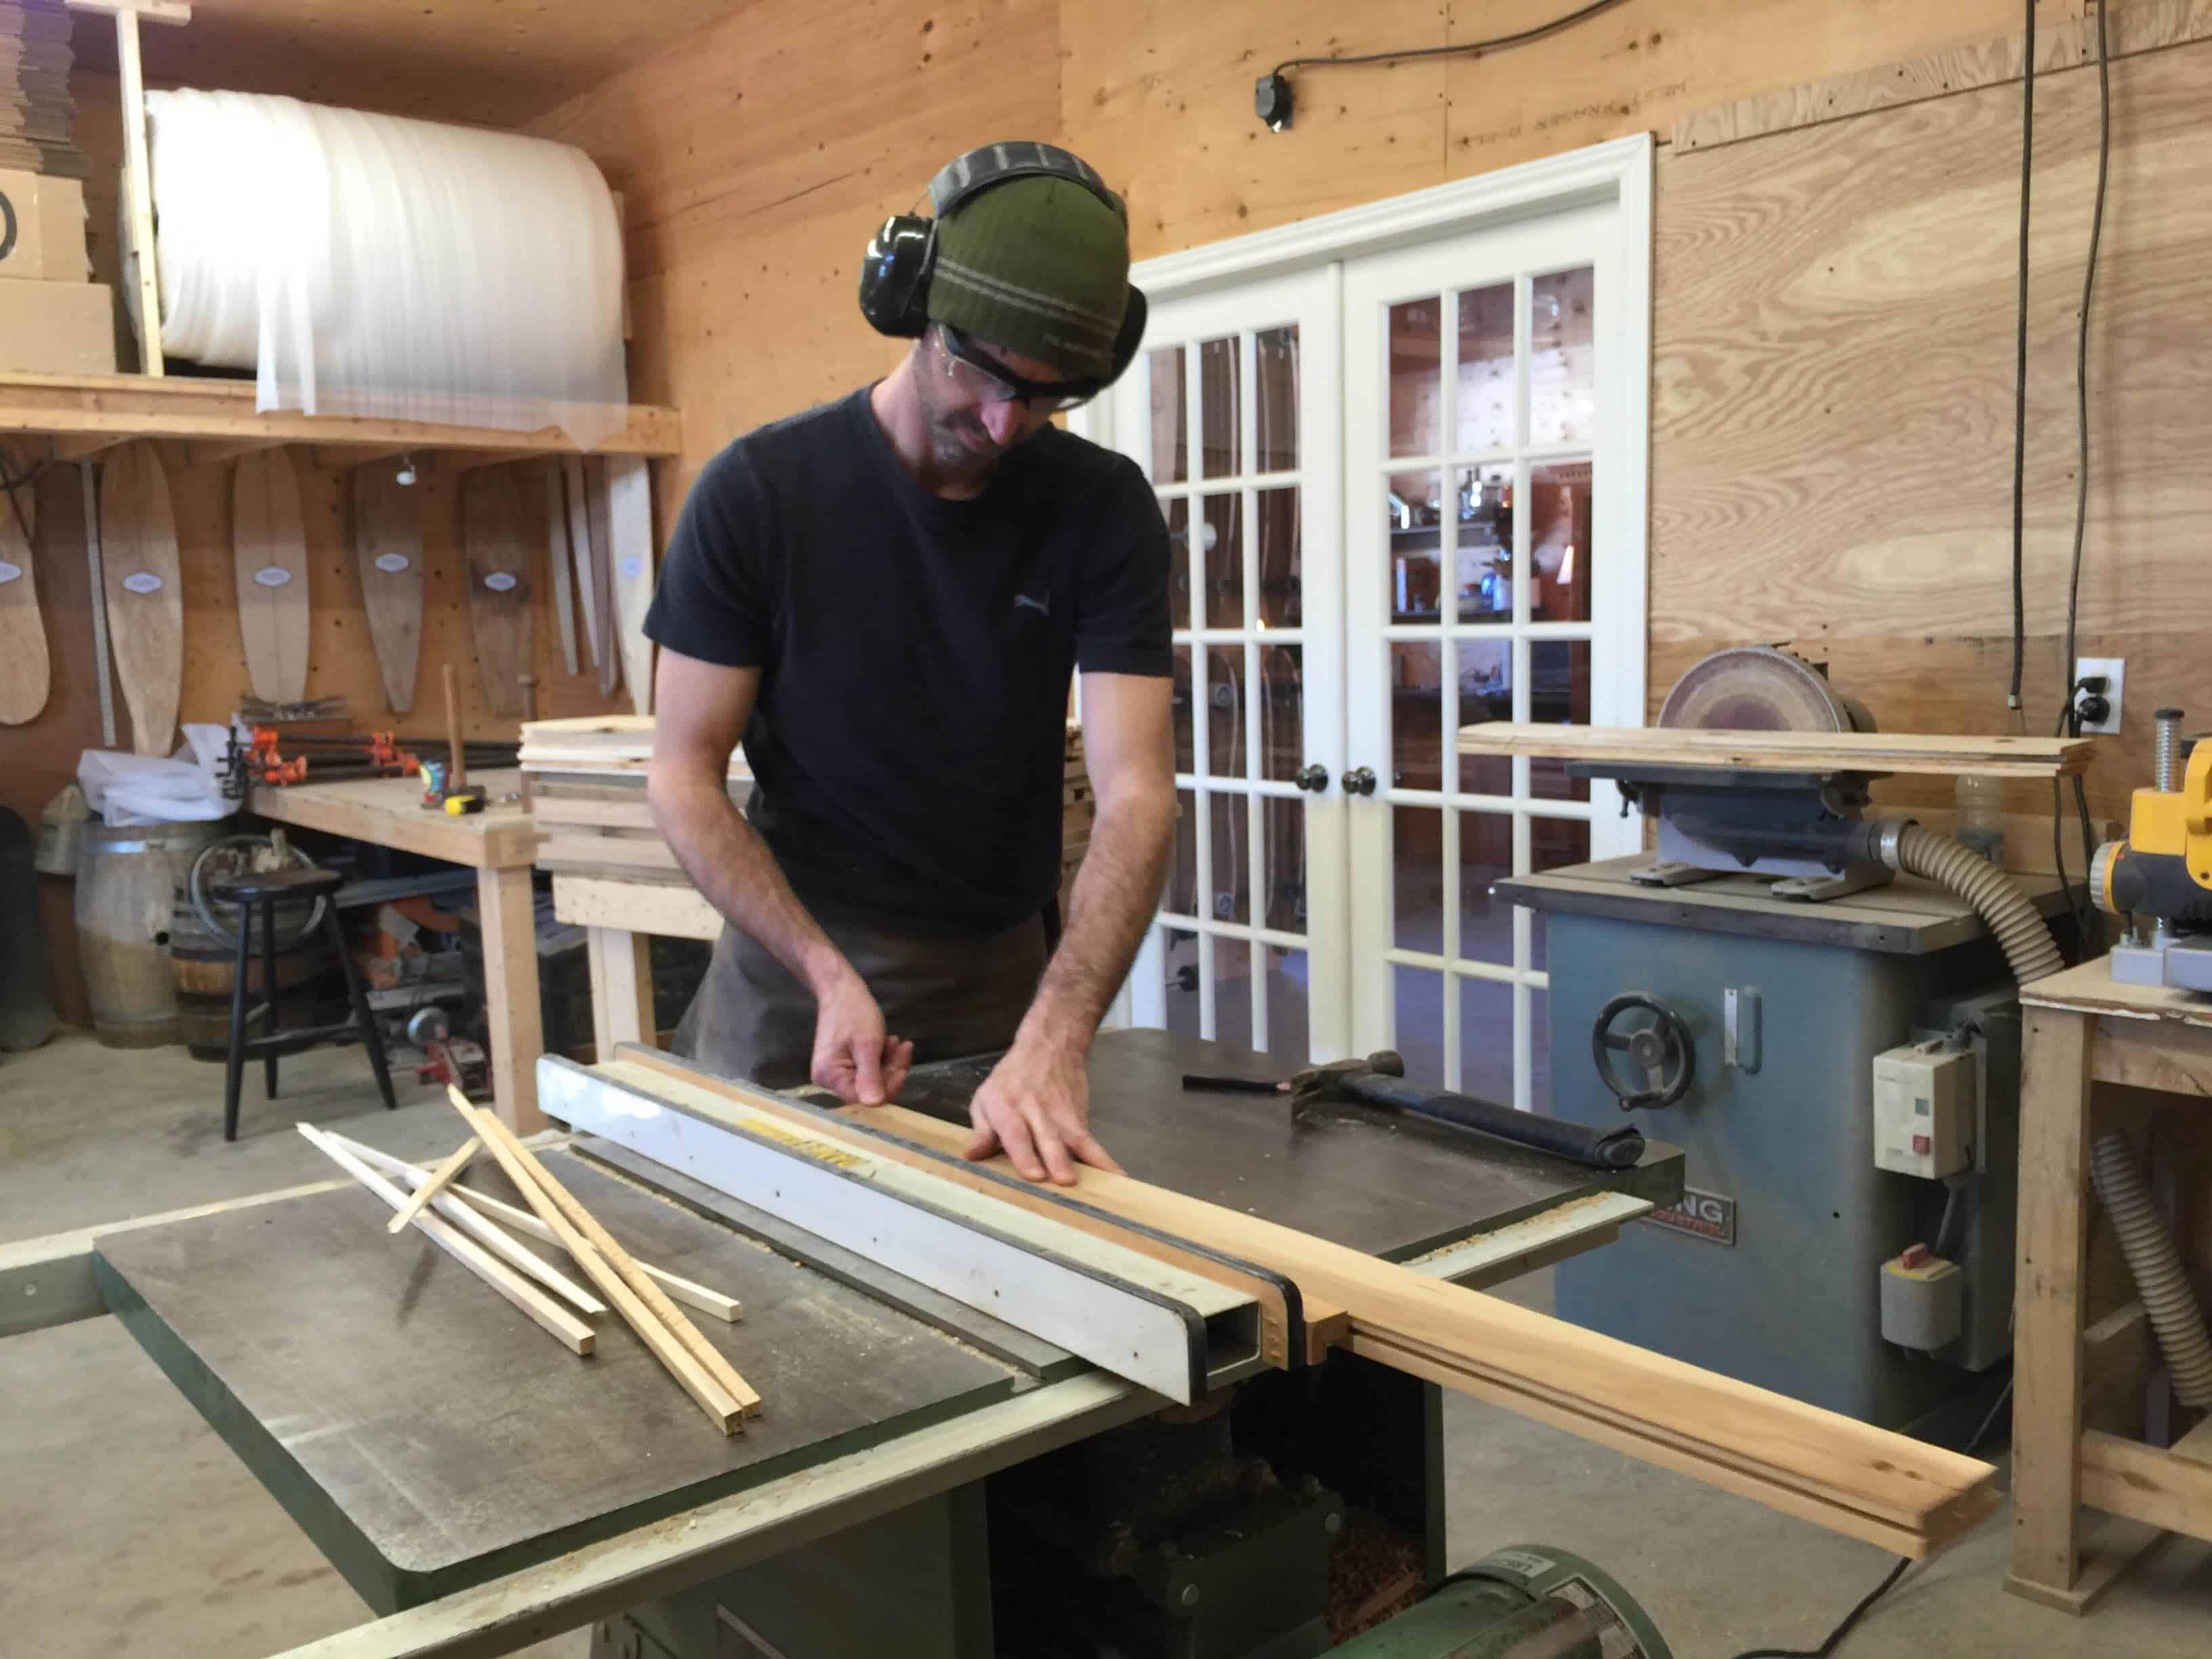 b255310302a0 En tant que jeune ébéniste, alors qu il se cherchait une spécialisation  dans le métier du bois, Pascal Plamondon s est d abord intéressé au vin en  plantant ...